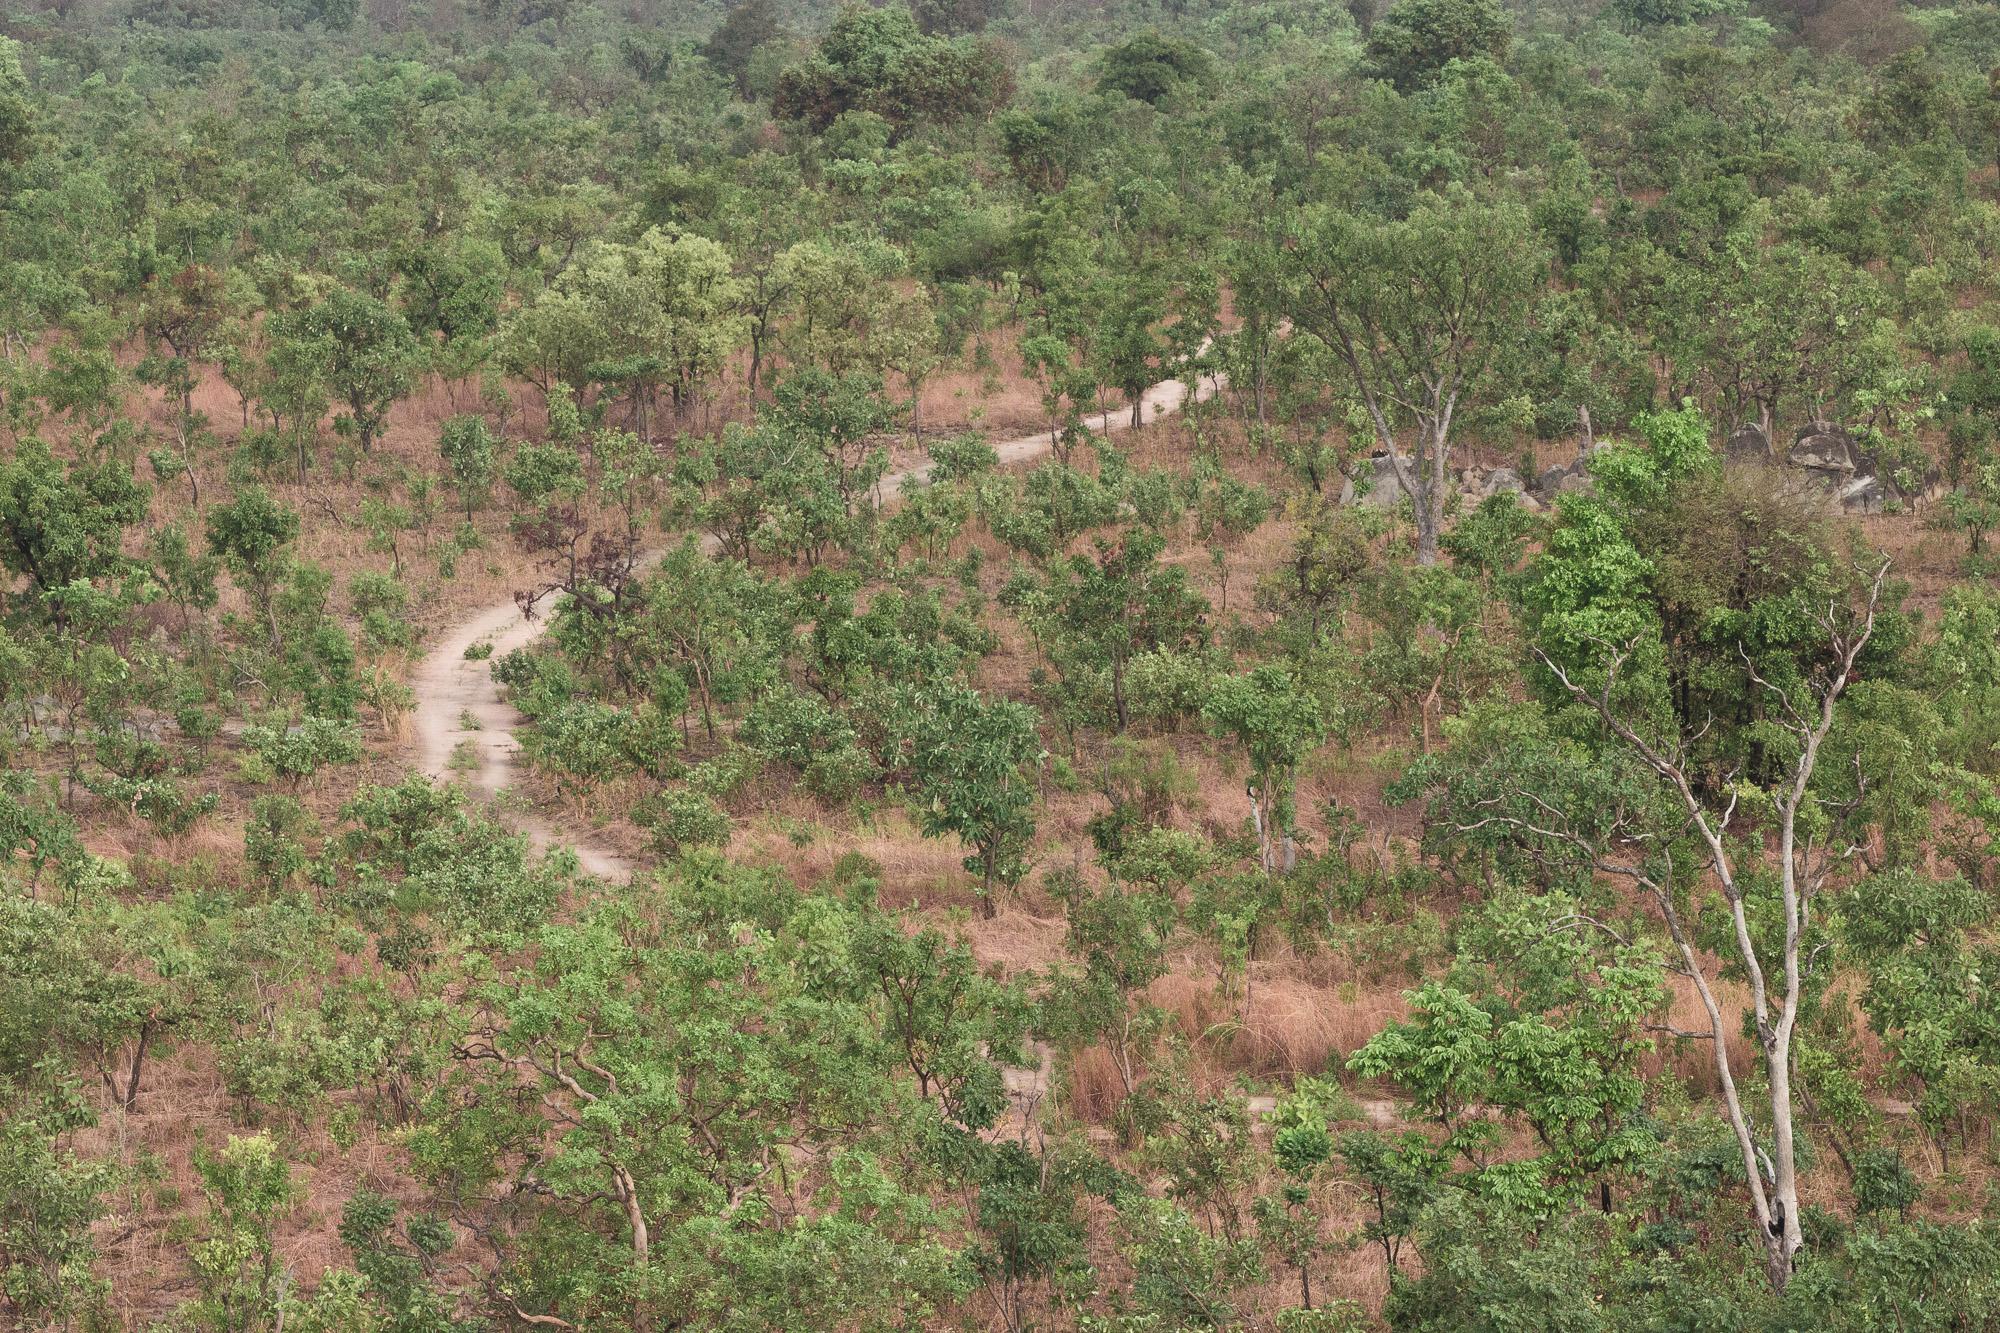 Brousse de la réserve de Nazinga, Burkina Faso